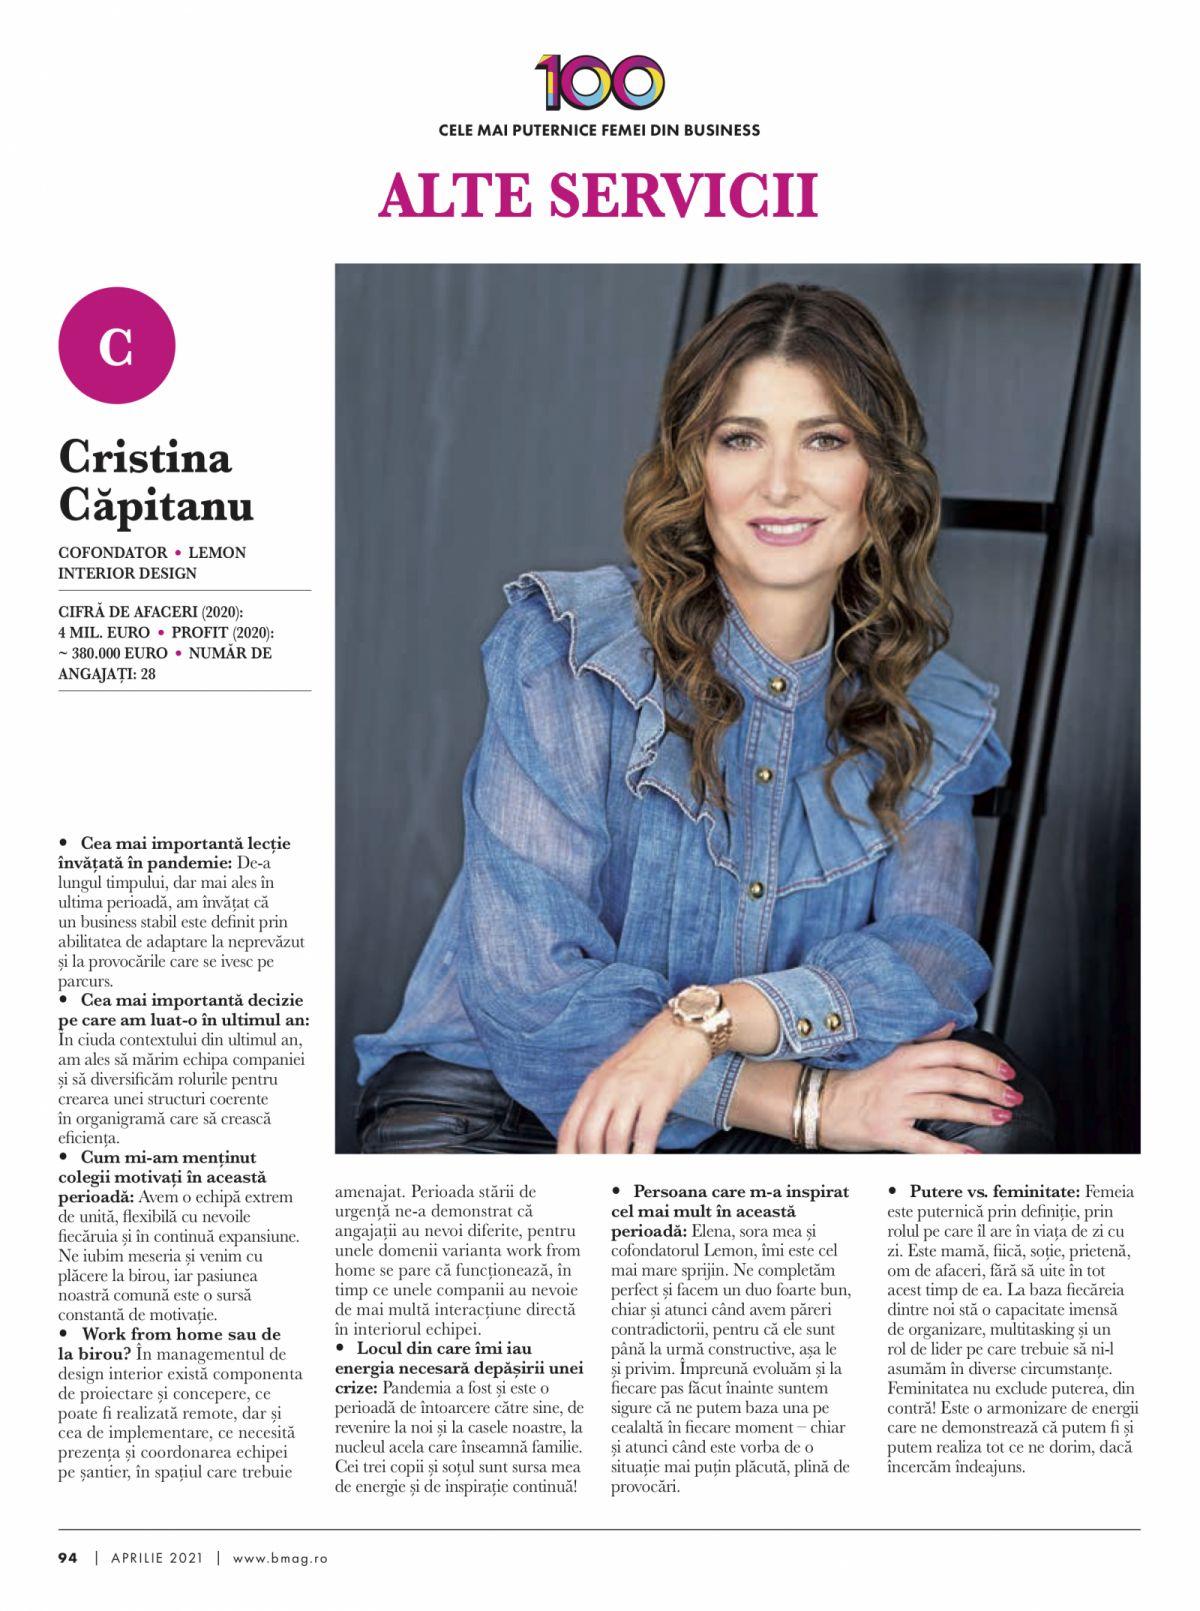 cristina_capitanu_page_94.jpg